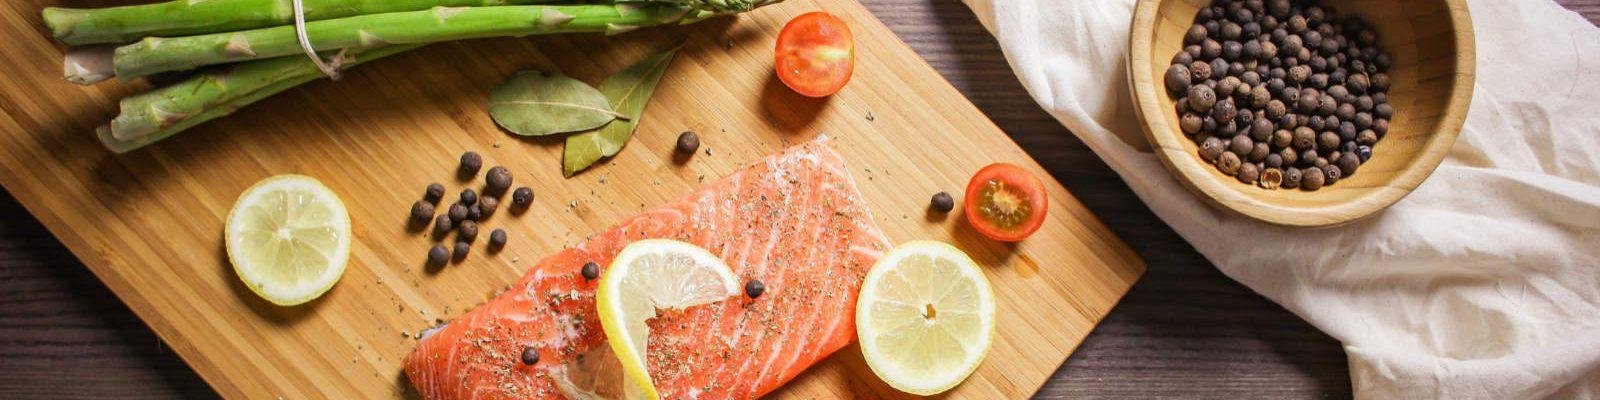 salmon-esparragos-banner